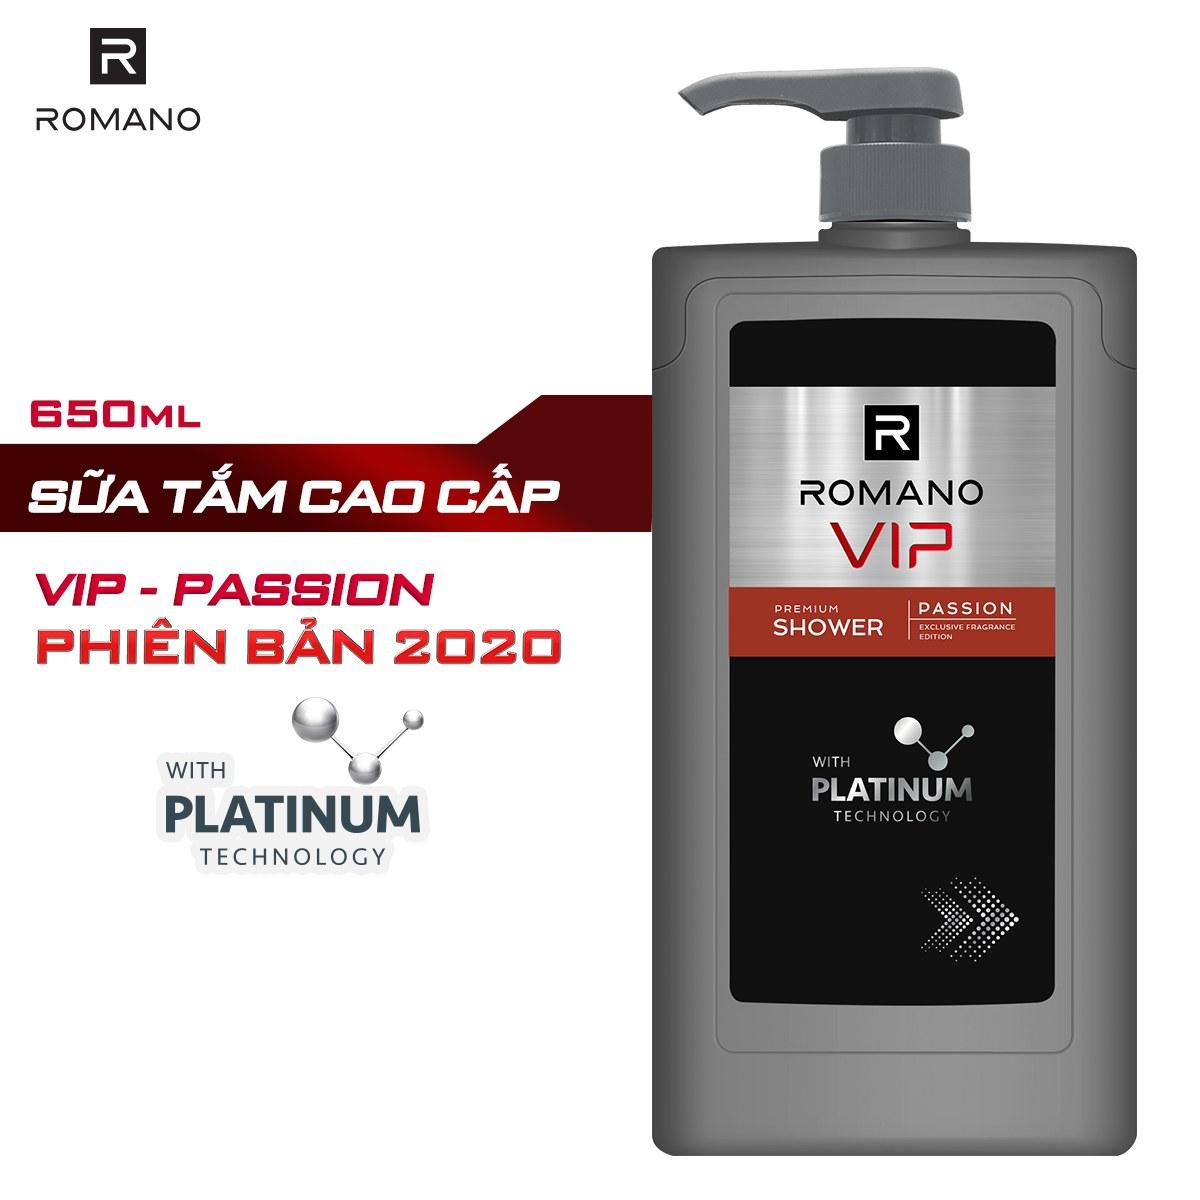 Sữa tắm cao cấp Romano Vip Passion mạnh mẽ bí ẩn 650g